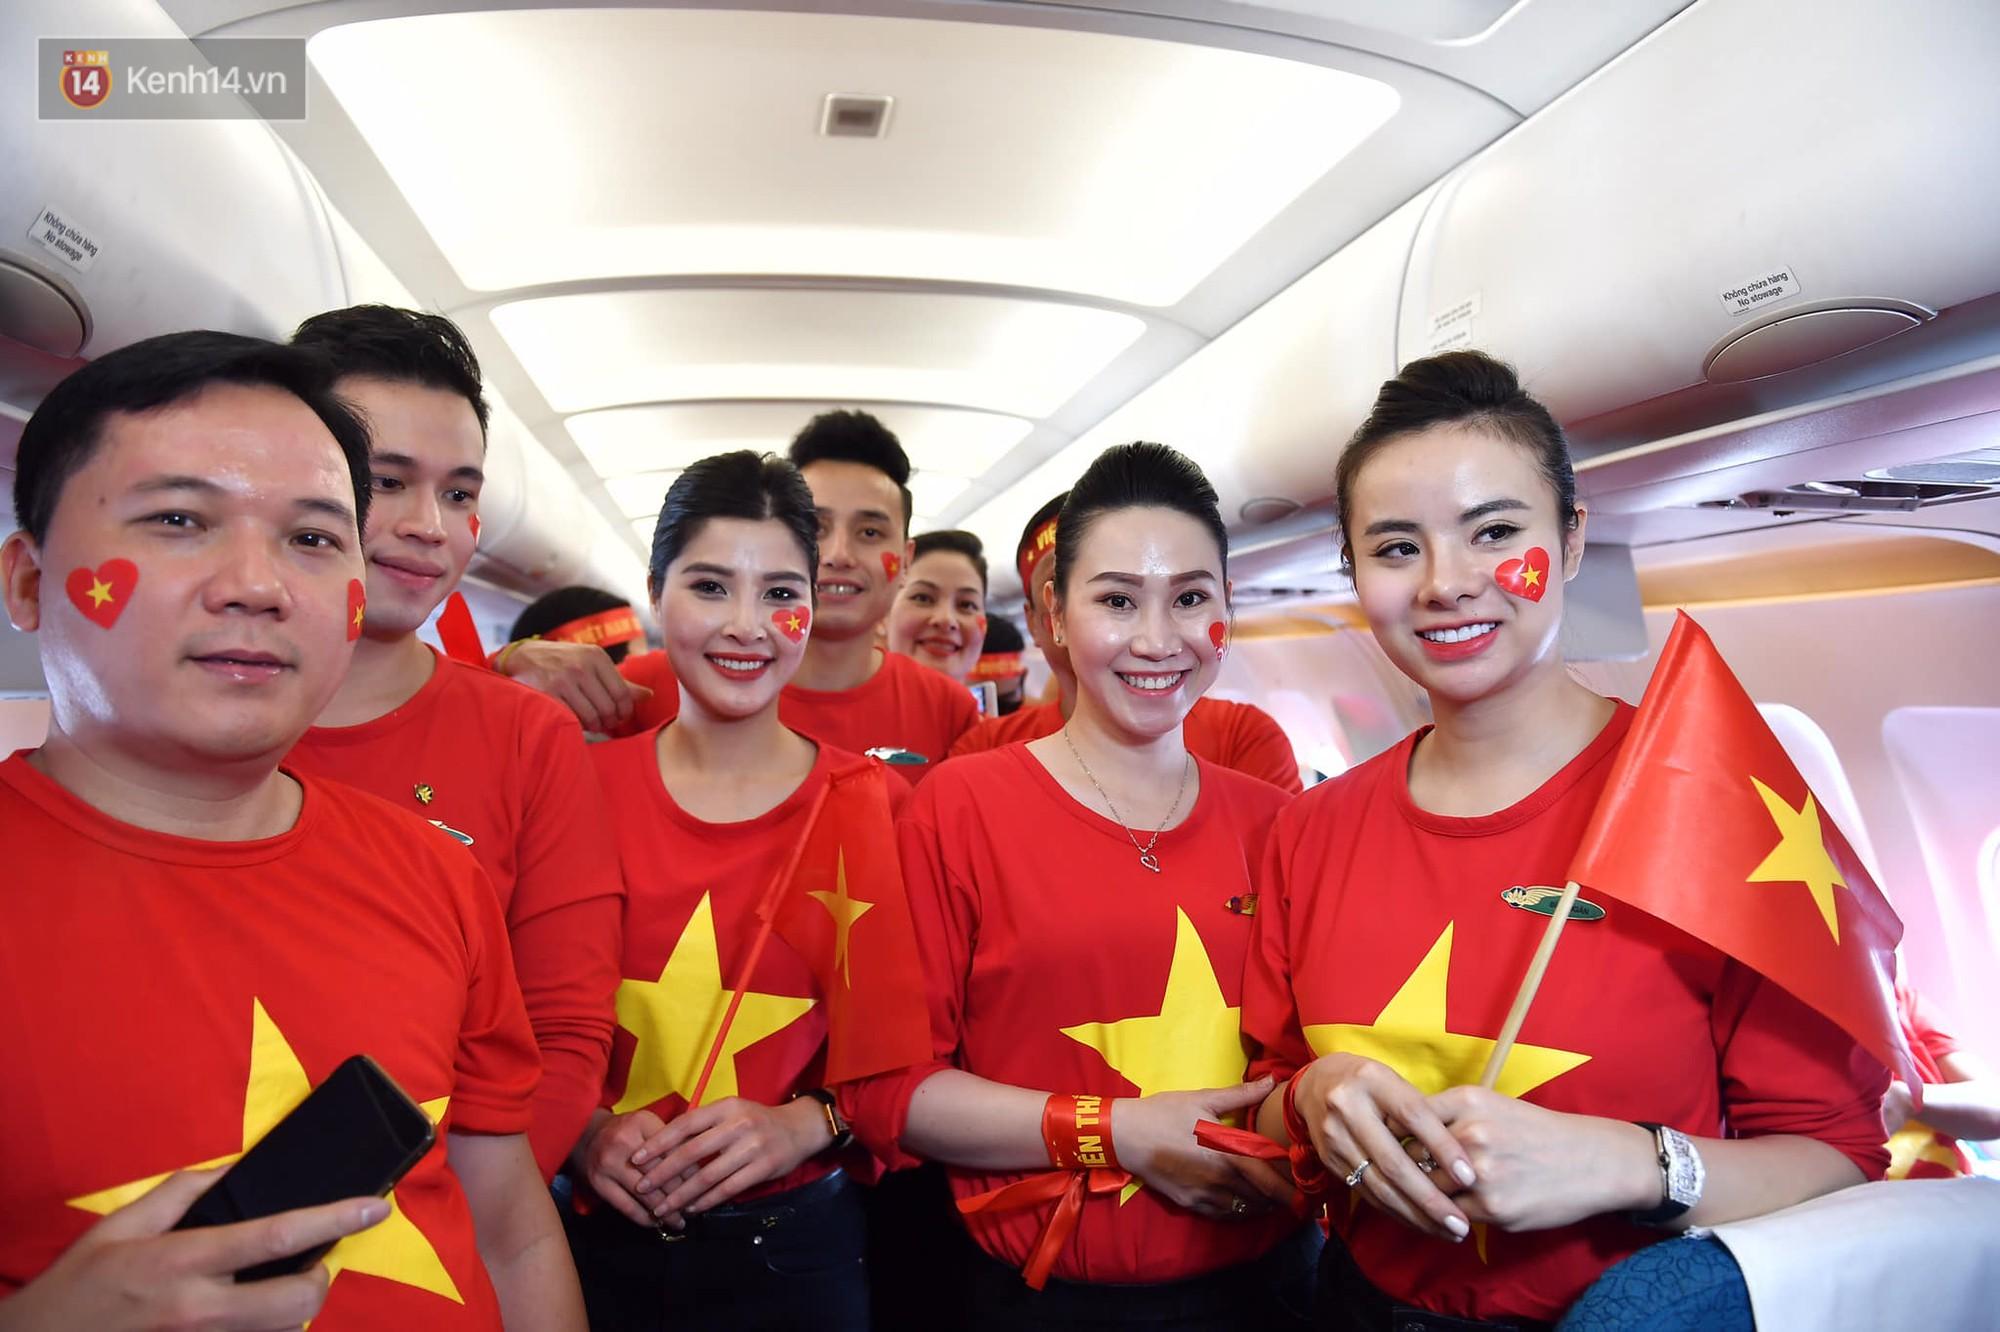 CĐV Việt Nam cùng nhau hát Quốc ca ở độ cao 10.000m, hết mình cổ vũ cho ĐT nước nhà trong trận chung kết AFF Cup 2018 - Ảnh 6